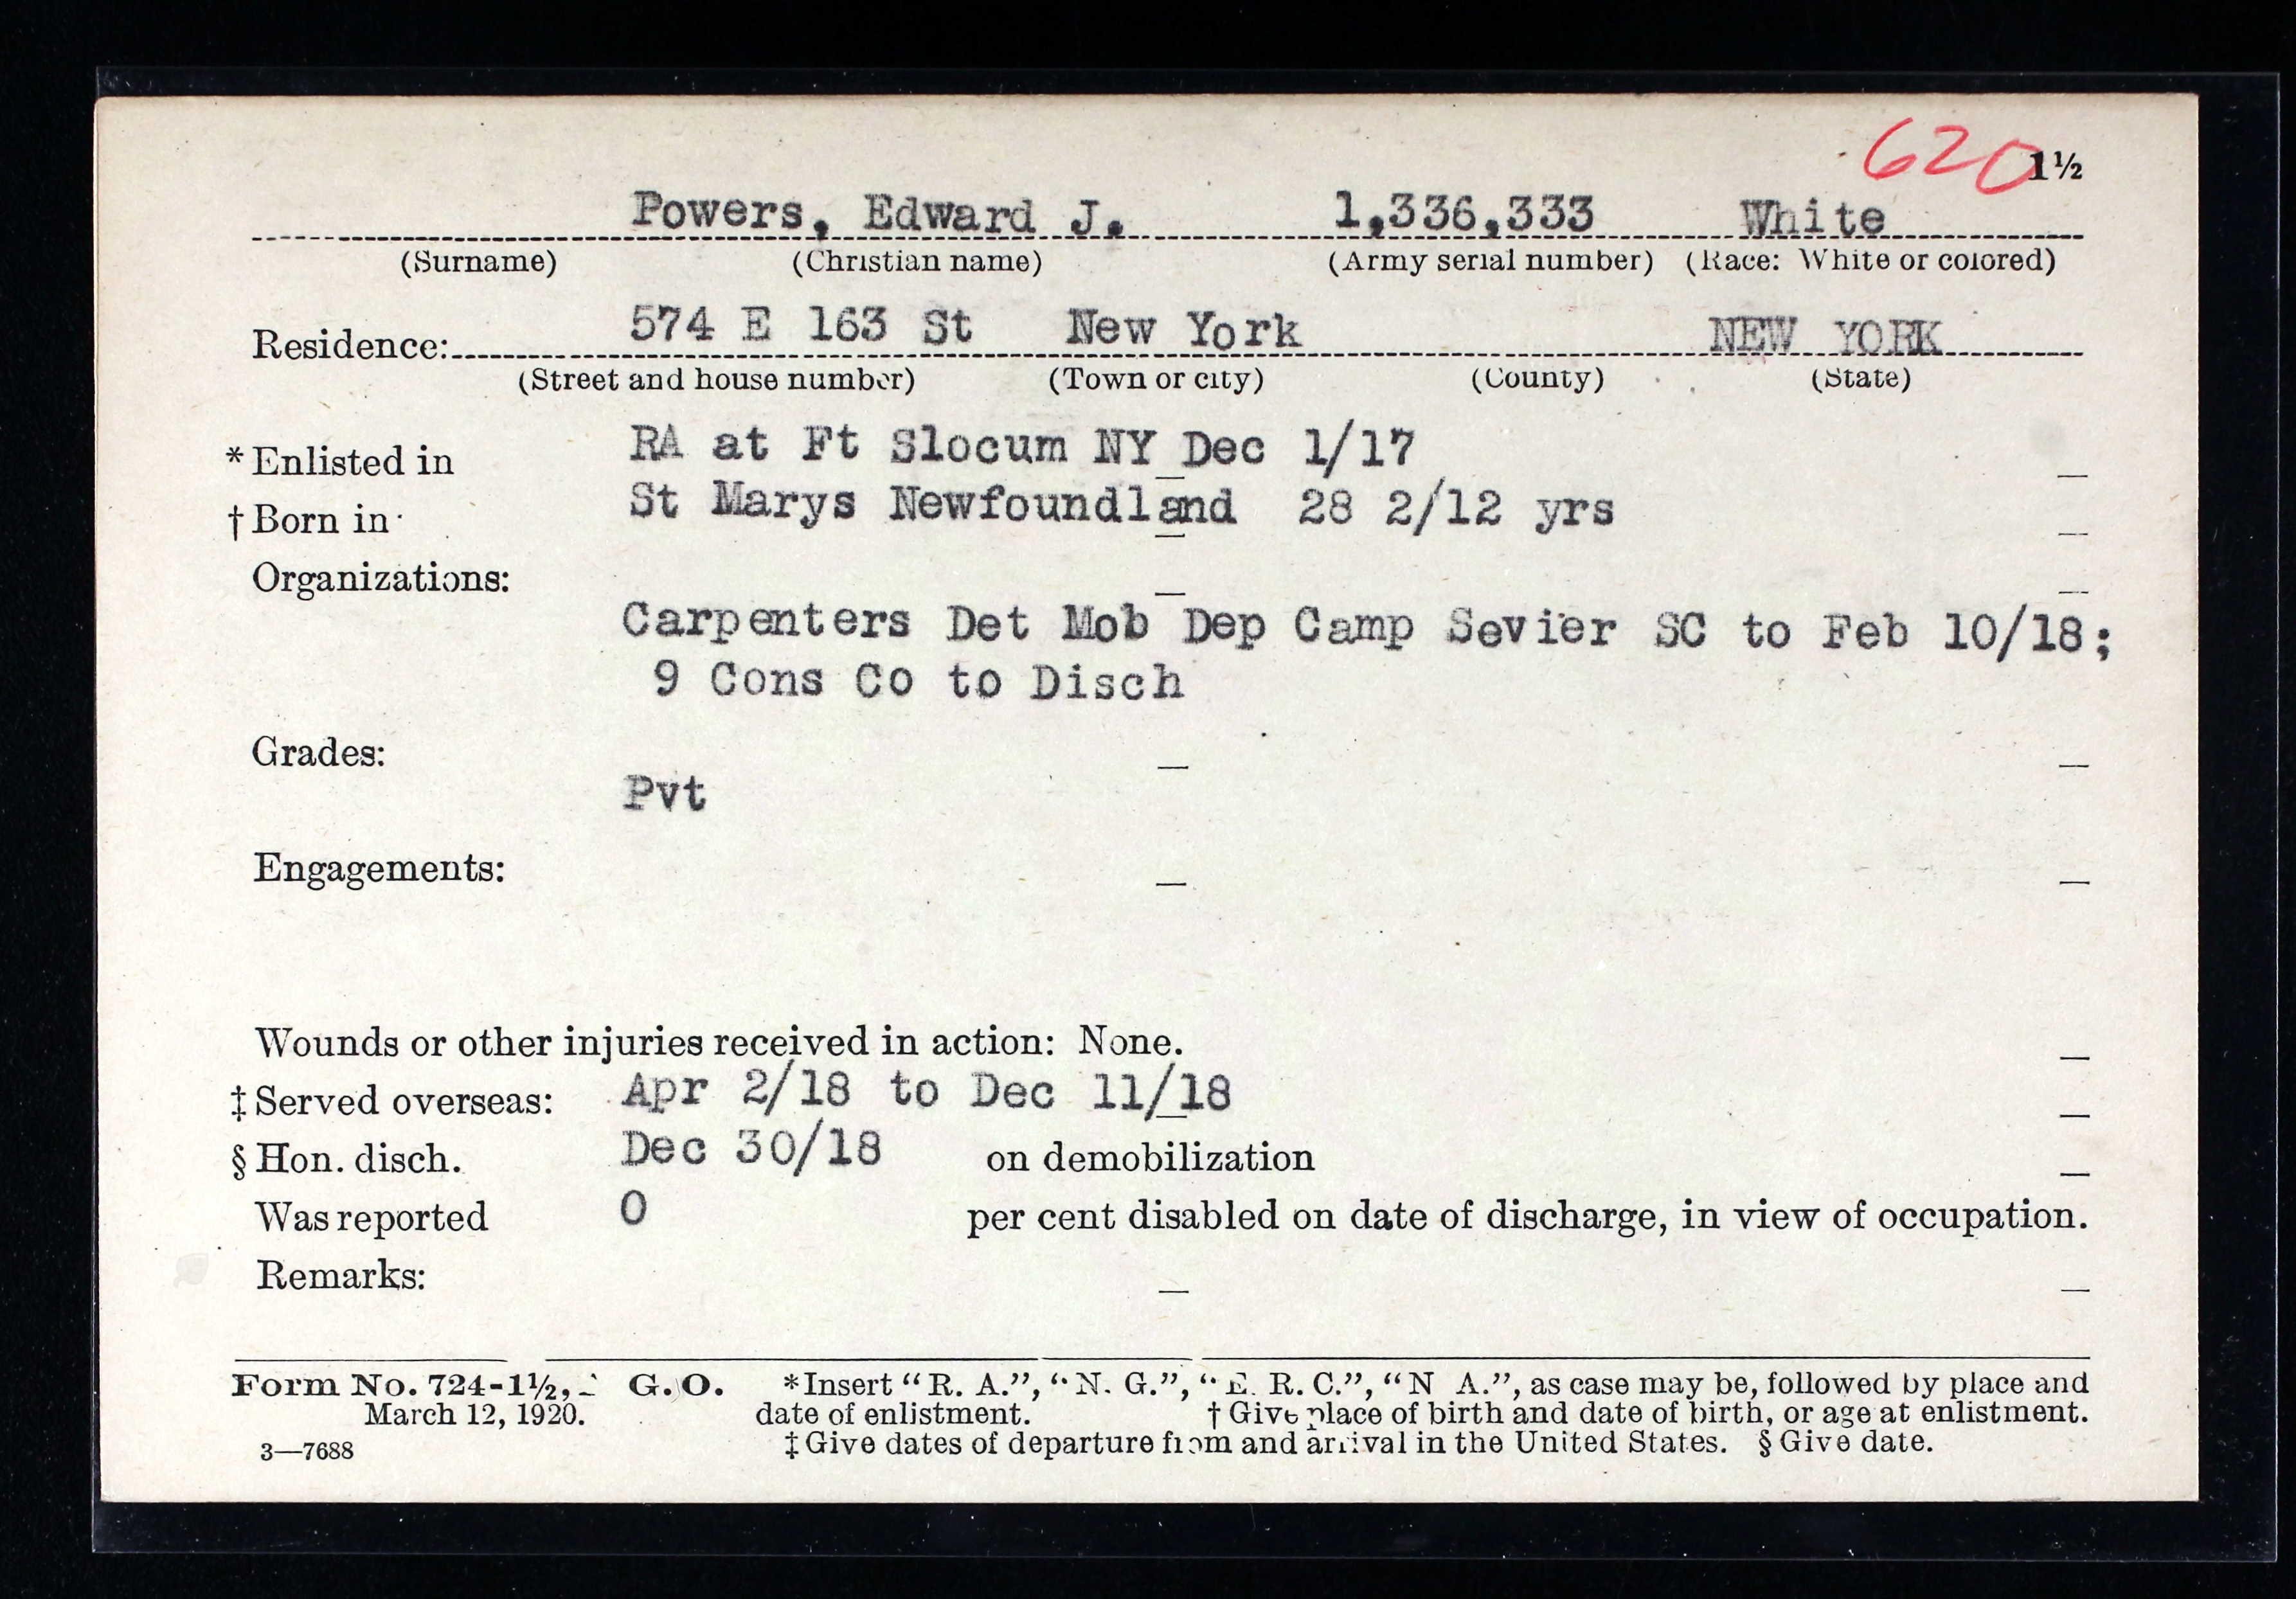 Edward J. Power # 1,336,333 USA military WW1